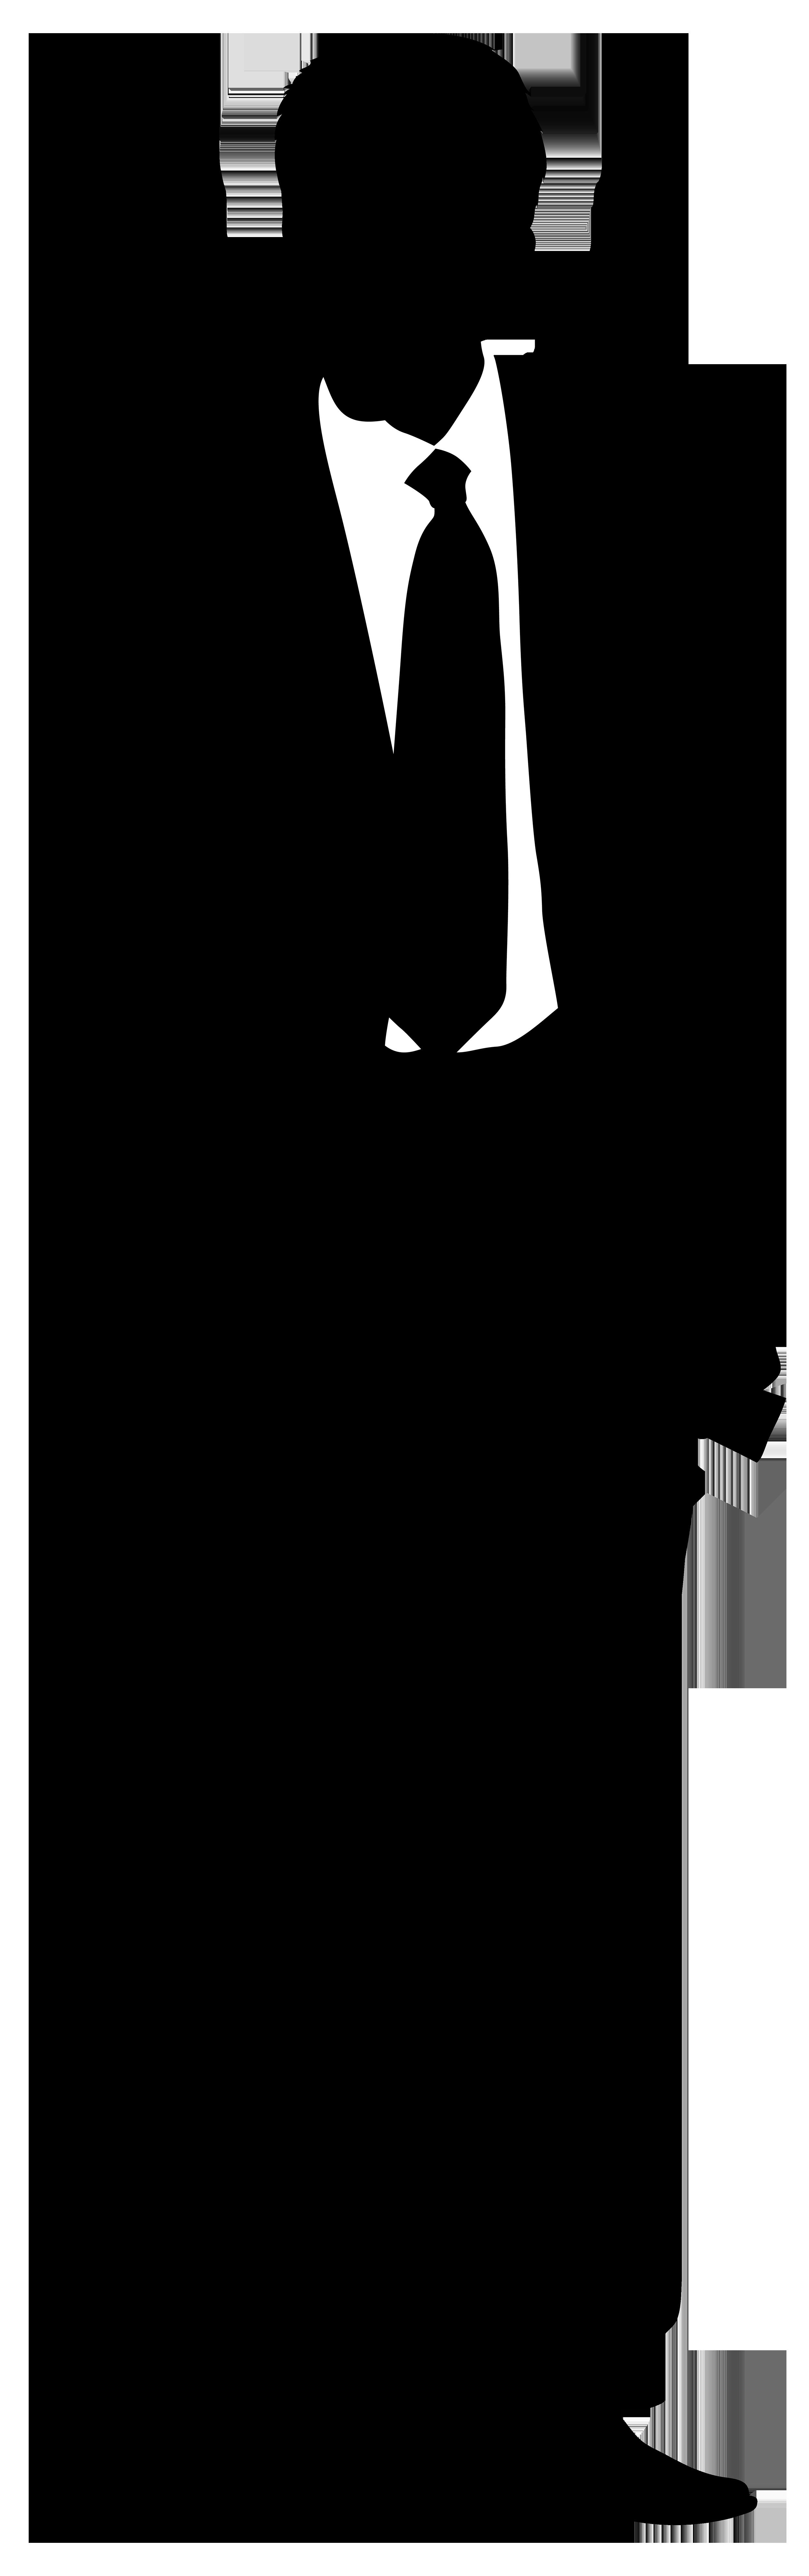 Silhouette png clip art. Businessman clipart transparent background